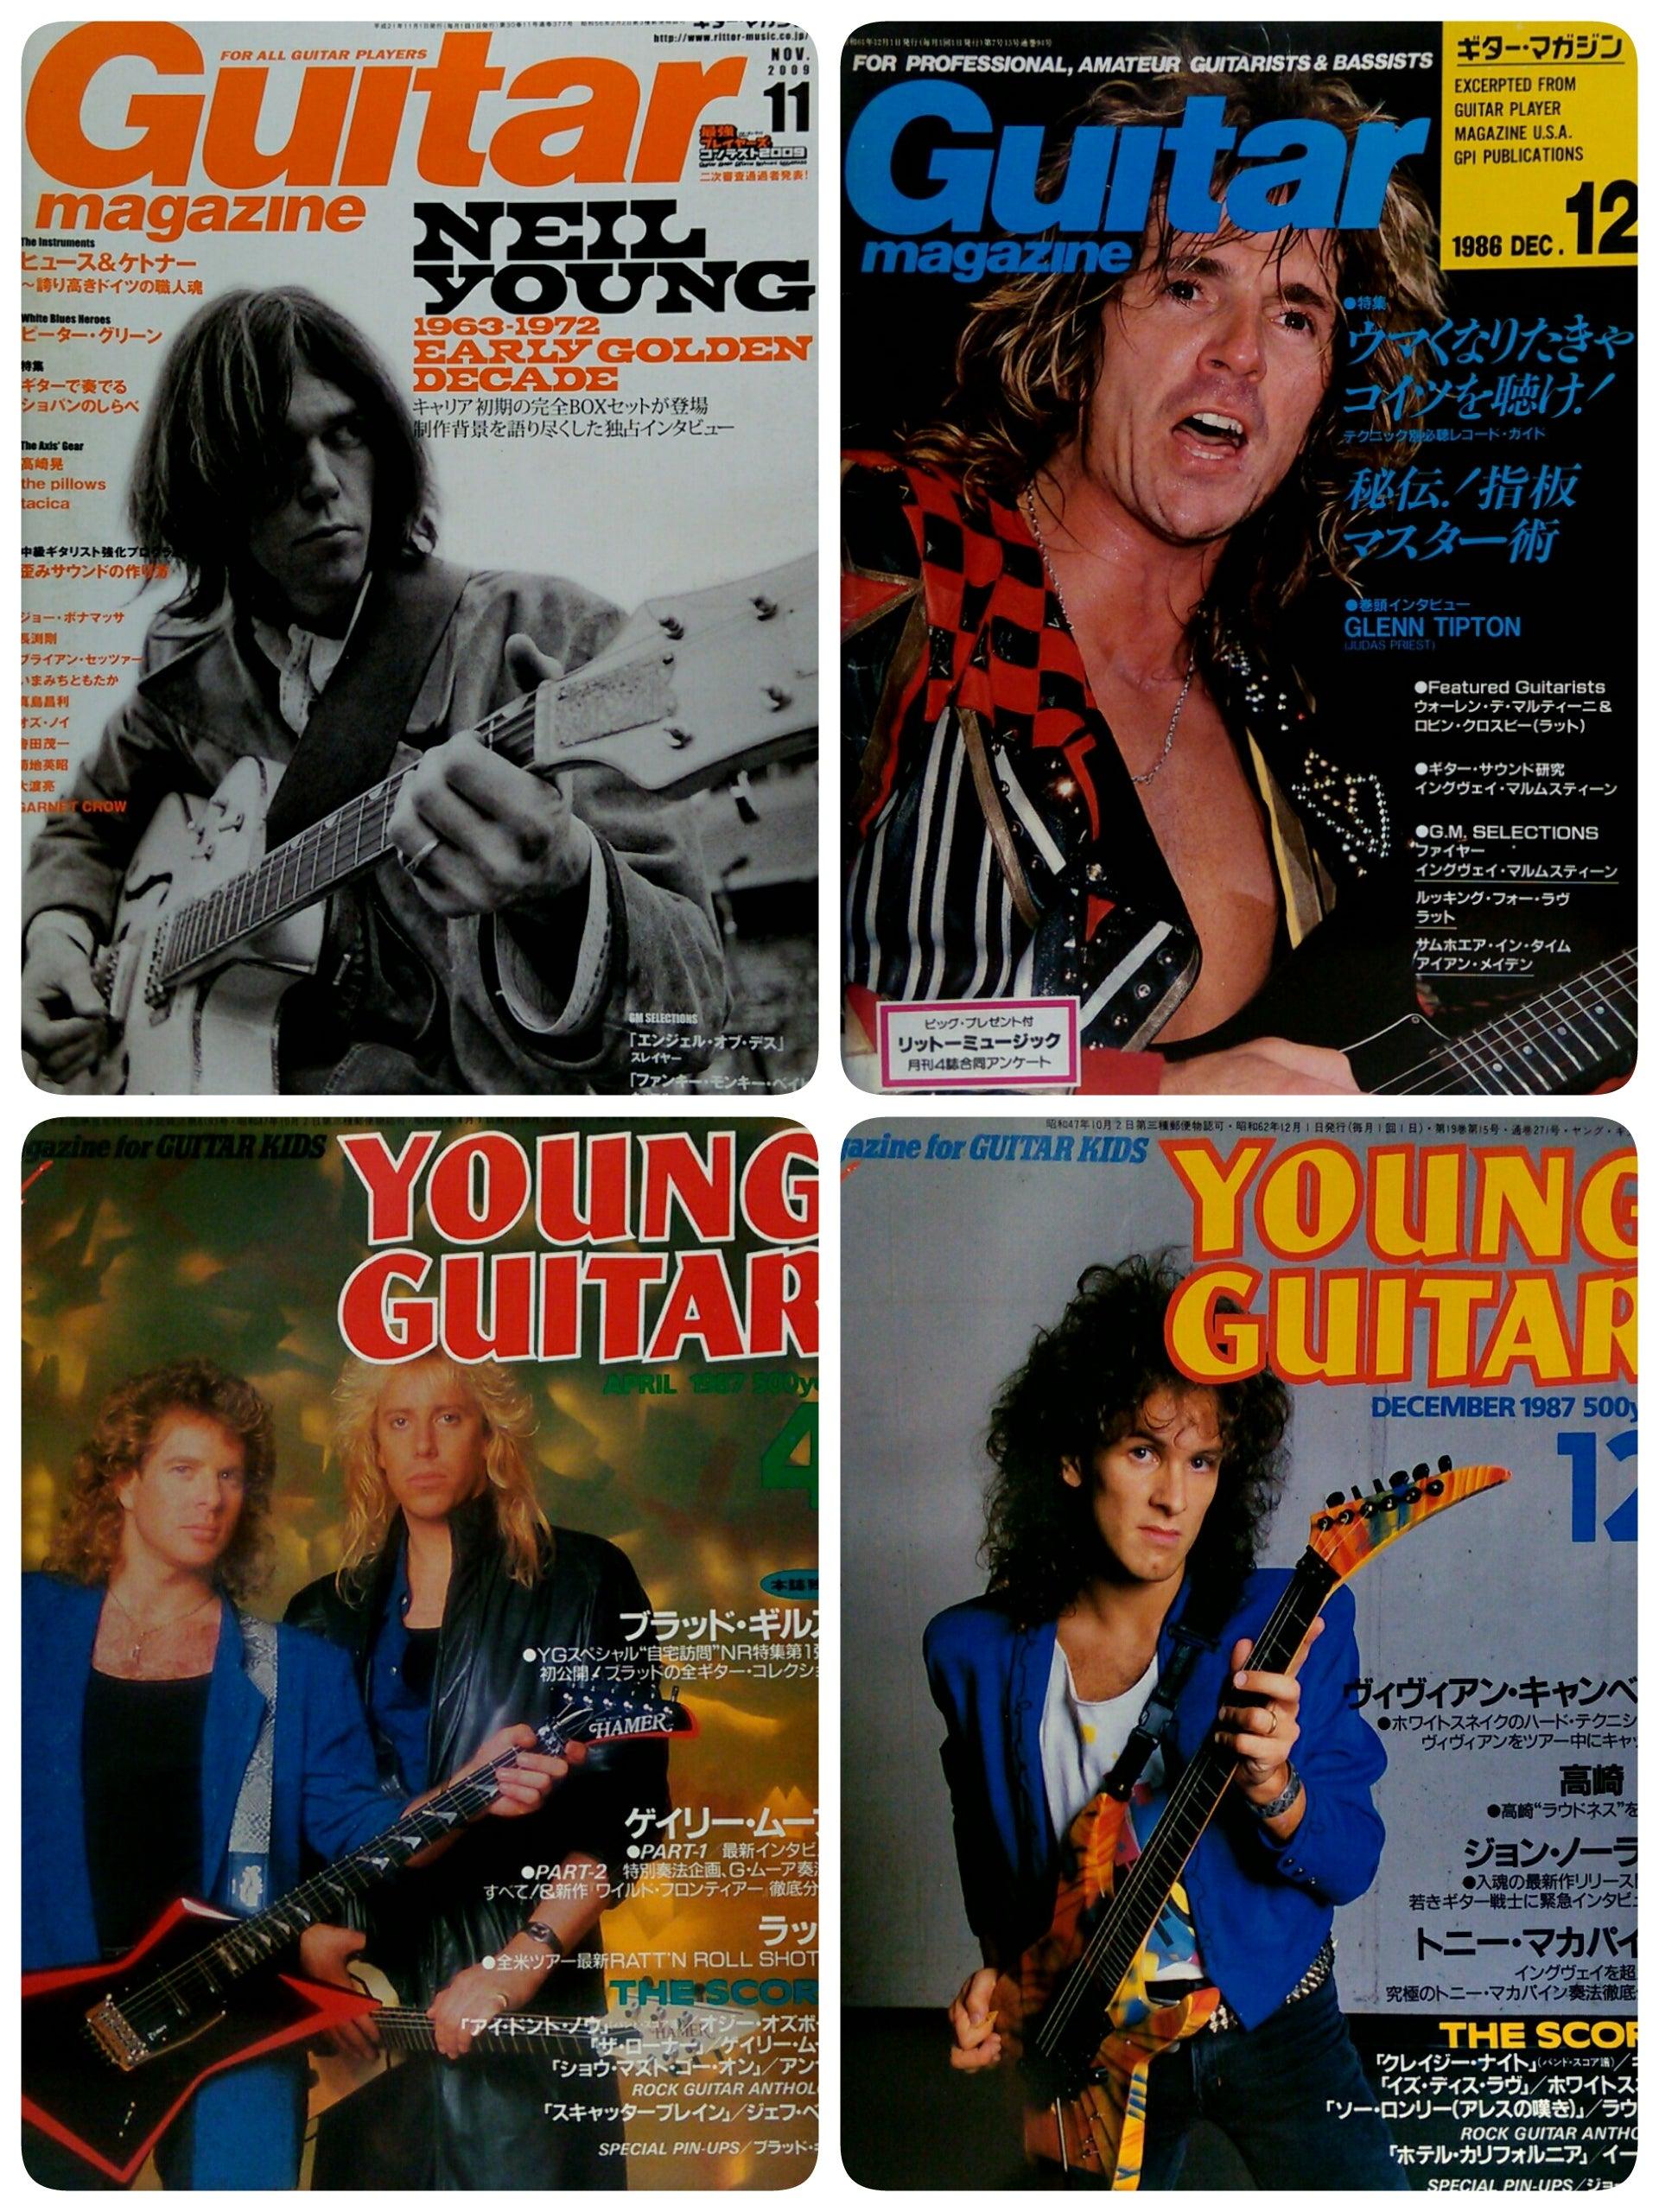 ギター マガジン バック ナンバー